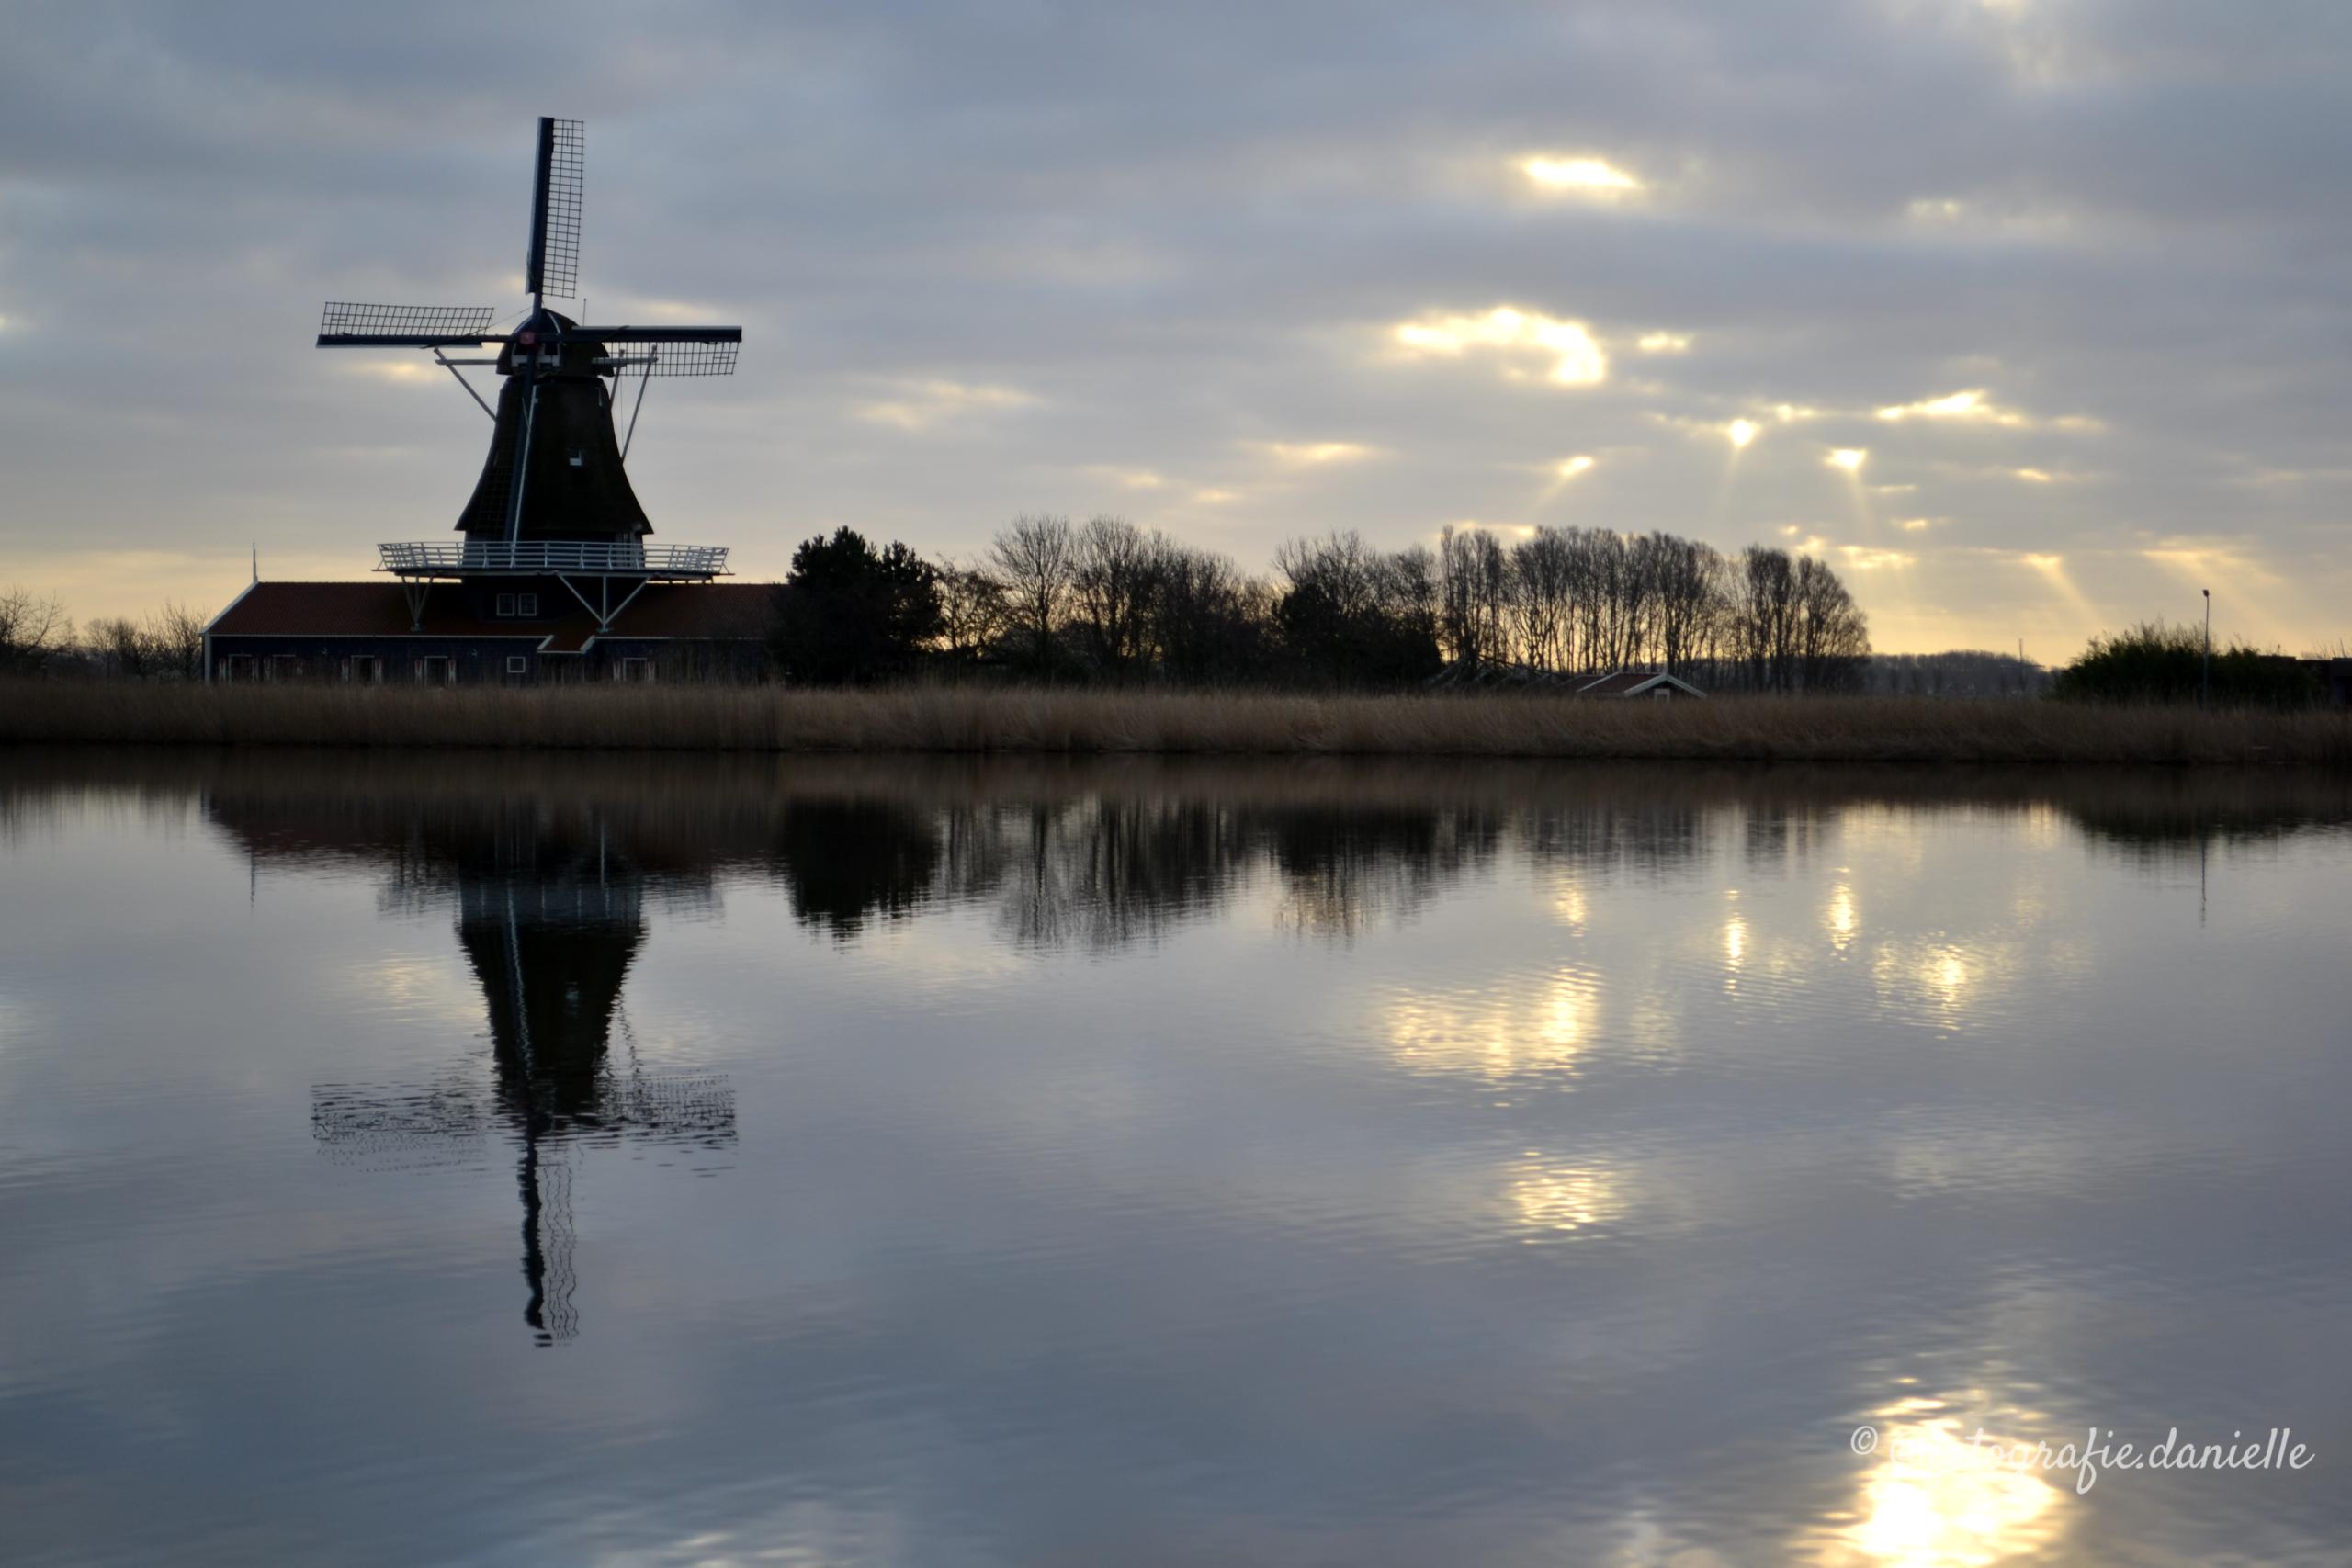 ©fotografie Daniëlle van der Ploeg windmill 5